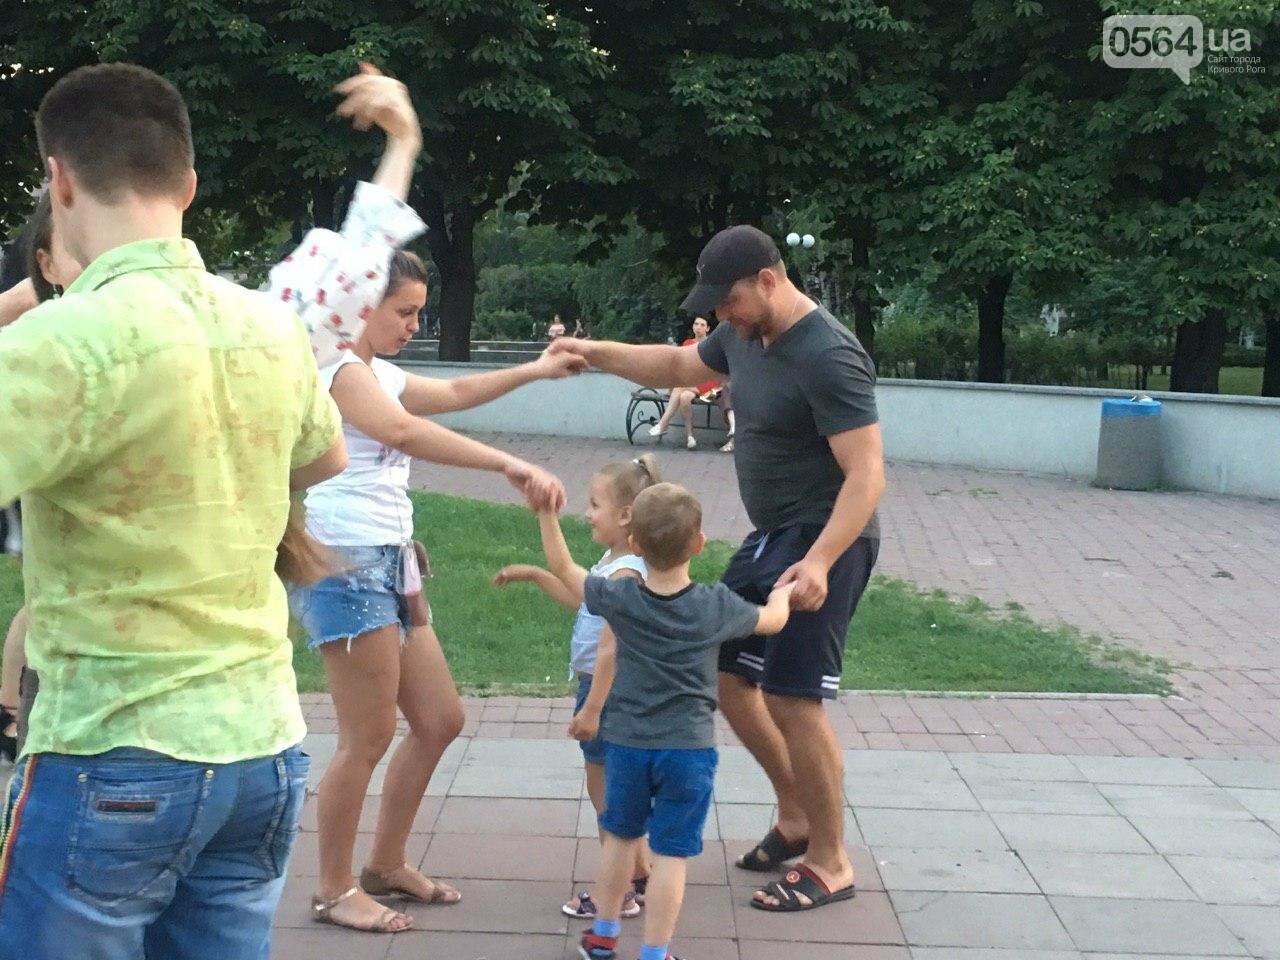 Сальса, бачата, кизомба: в центре города танцоры провели мастер-класс для криворожан, - ФОТО, ВИДЕО , фото-3